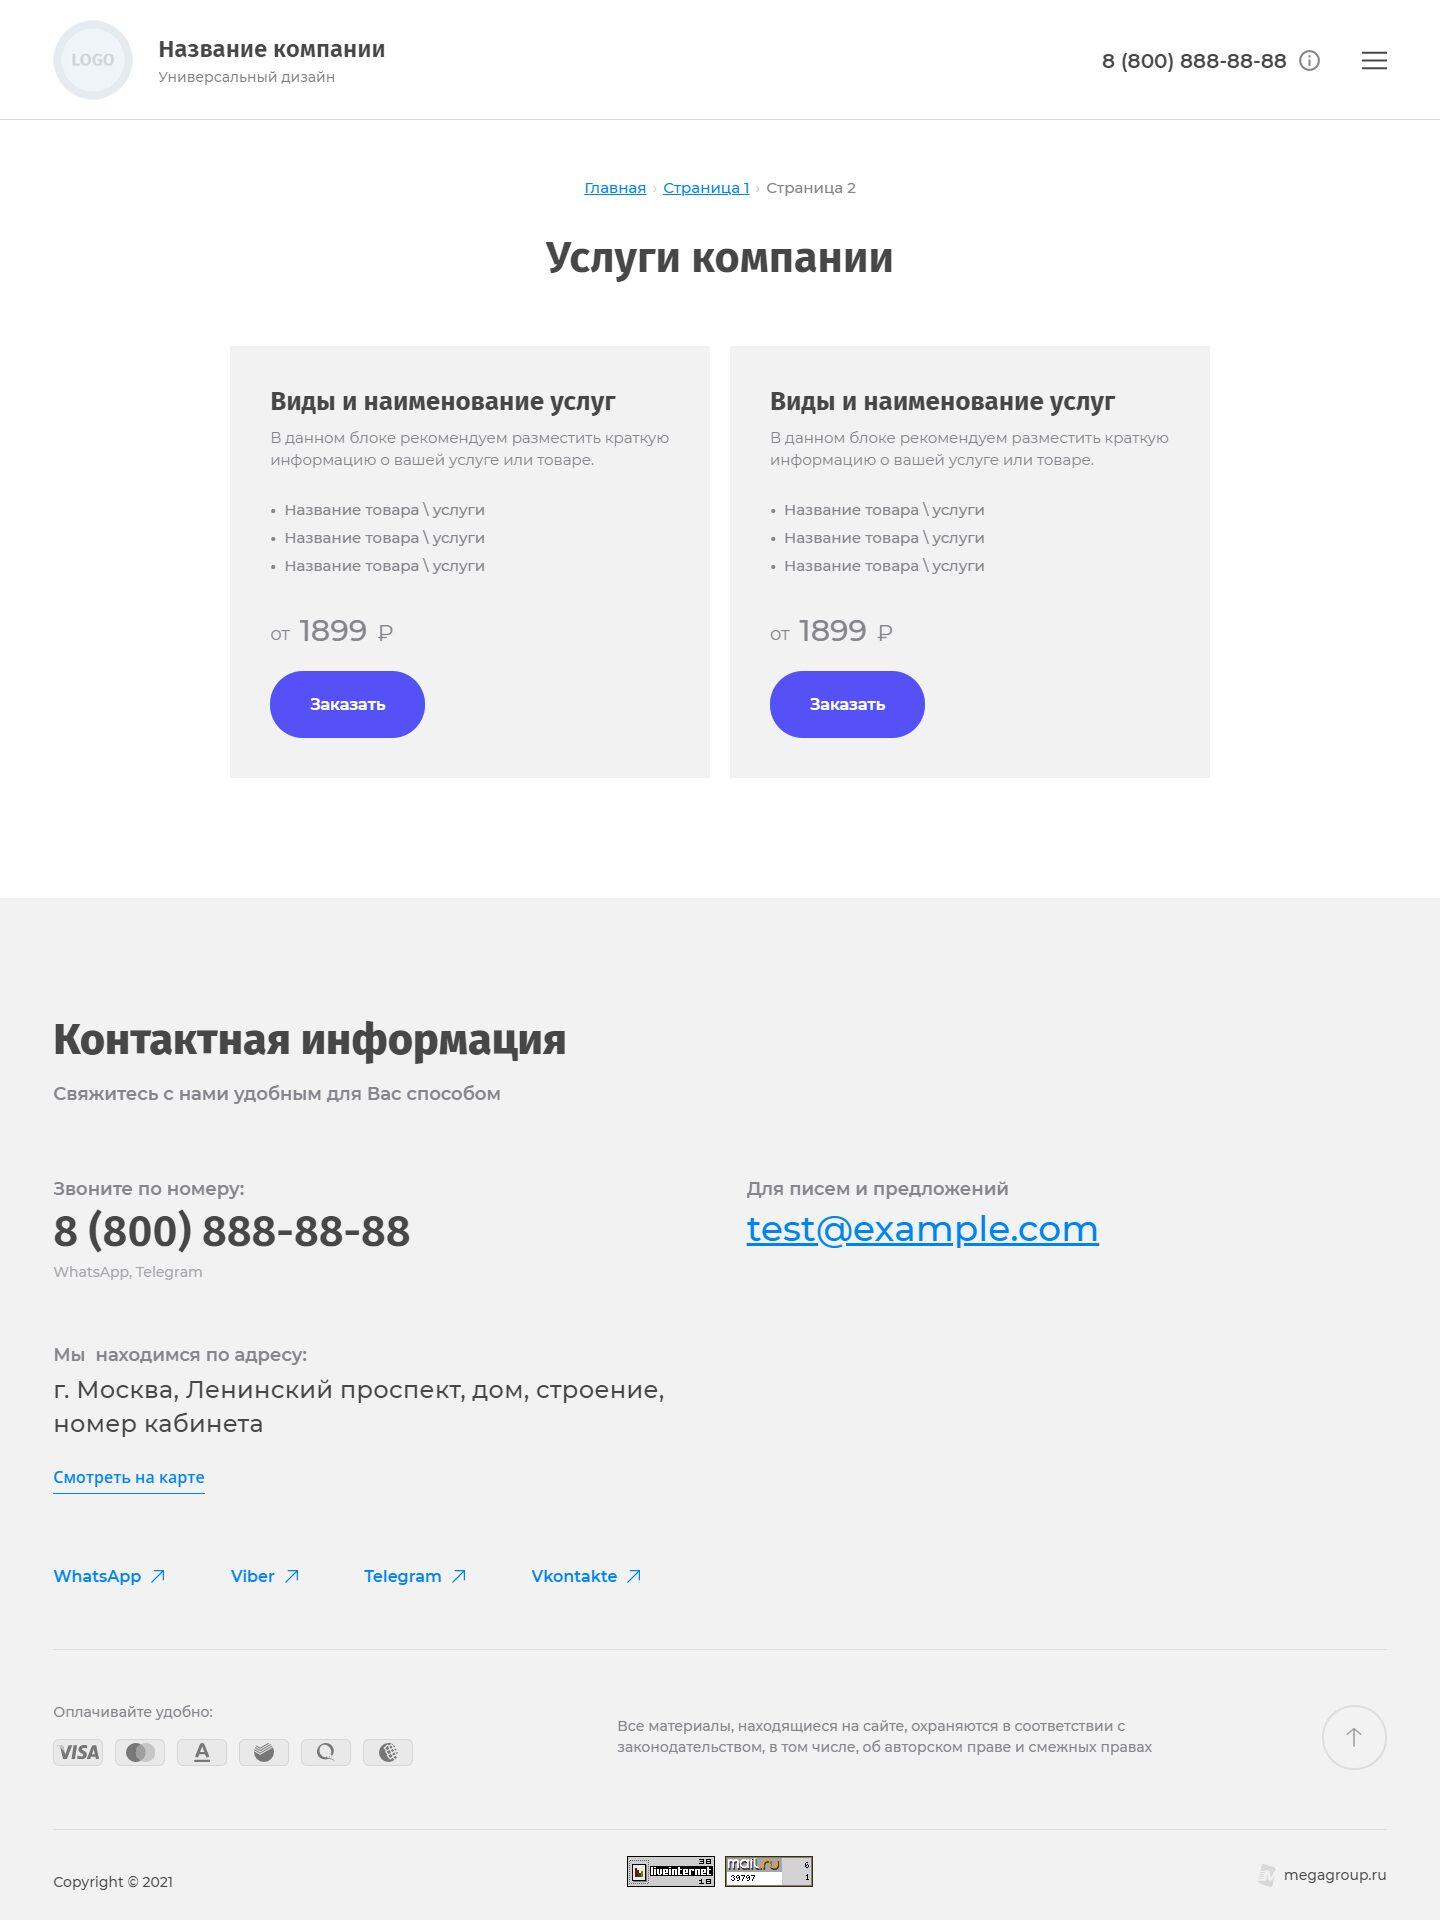 Готовый Сайт-Бизнес #3011116 - Универсальный дизайн (Услуги)